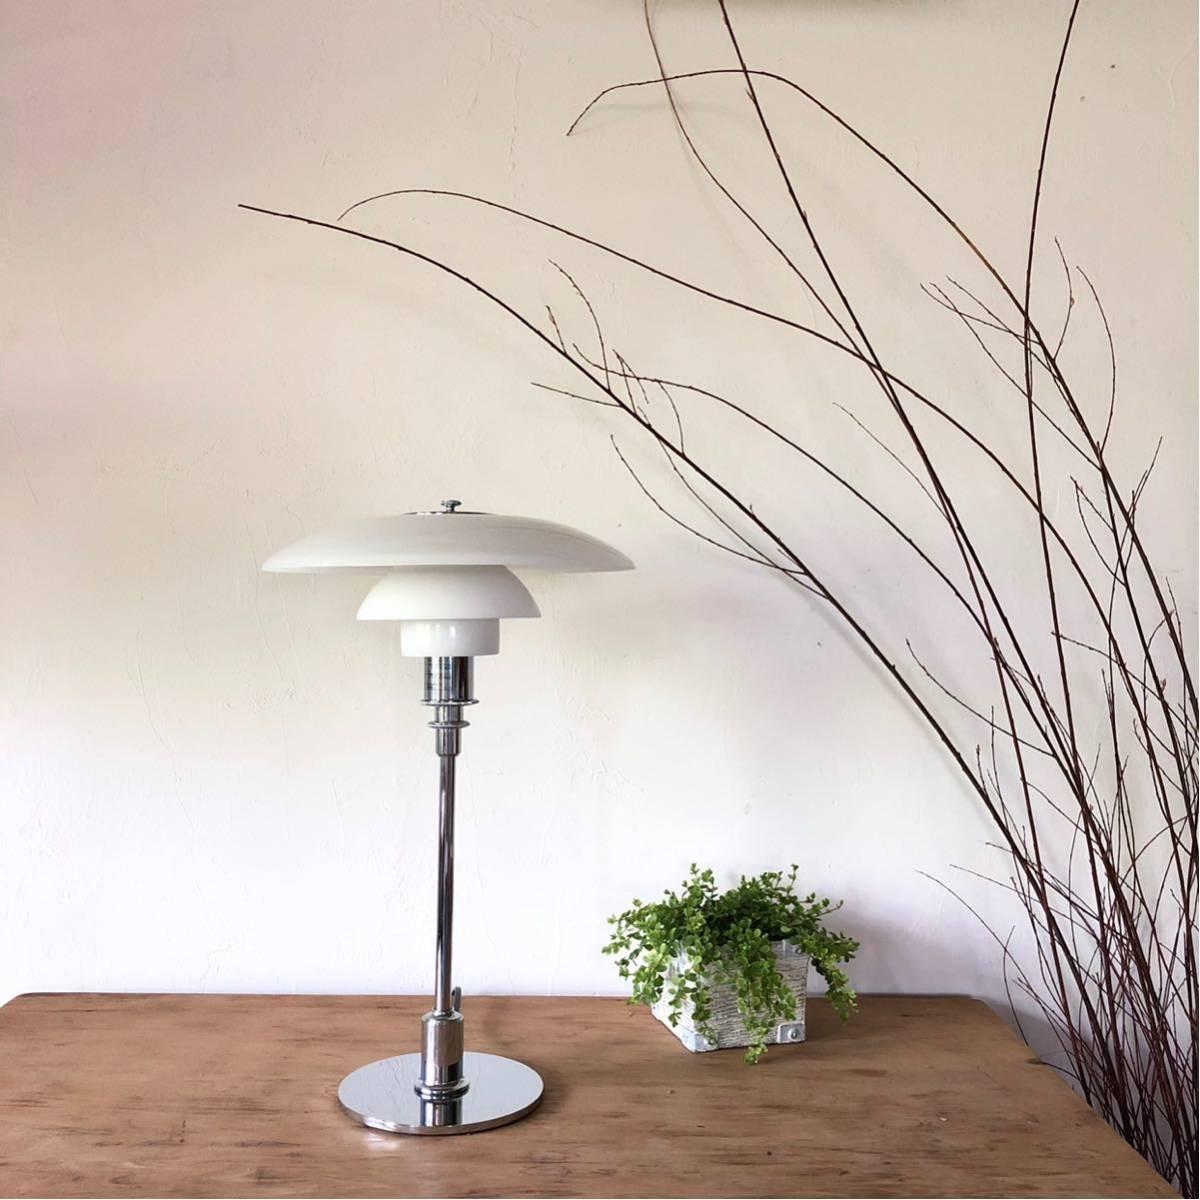 北欧ルイスポールセン PH 3/2 テーブルランプ/本物オリジナル/ヤマギワ購入/フィンユール/ハンスウェグナー_画像2